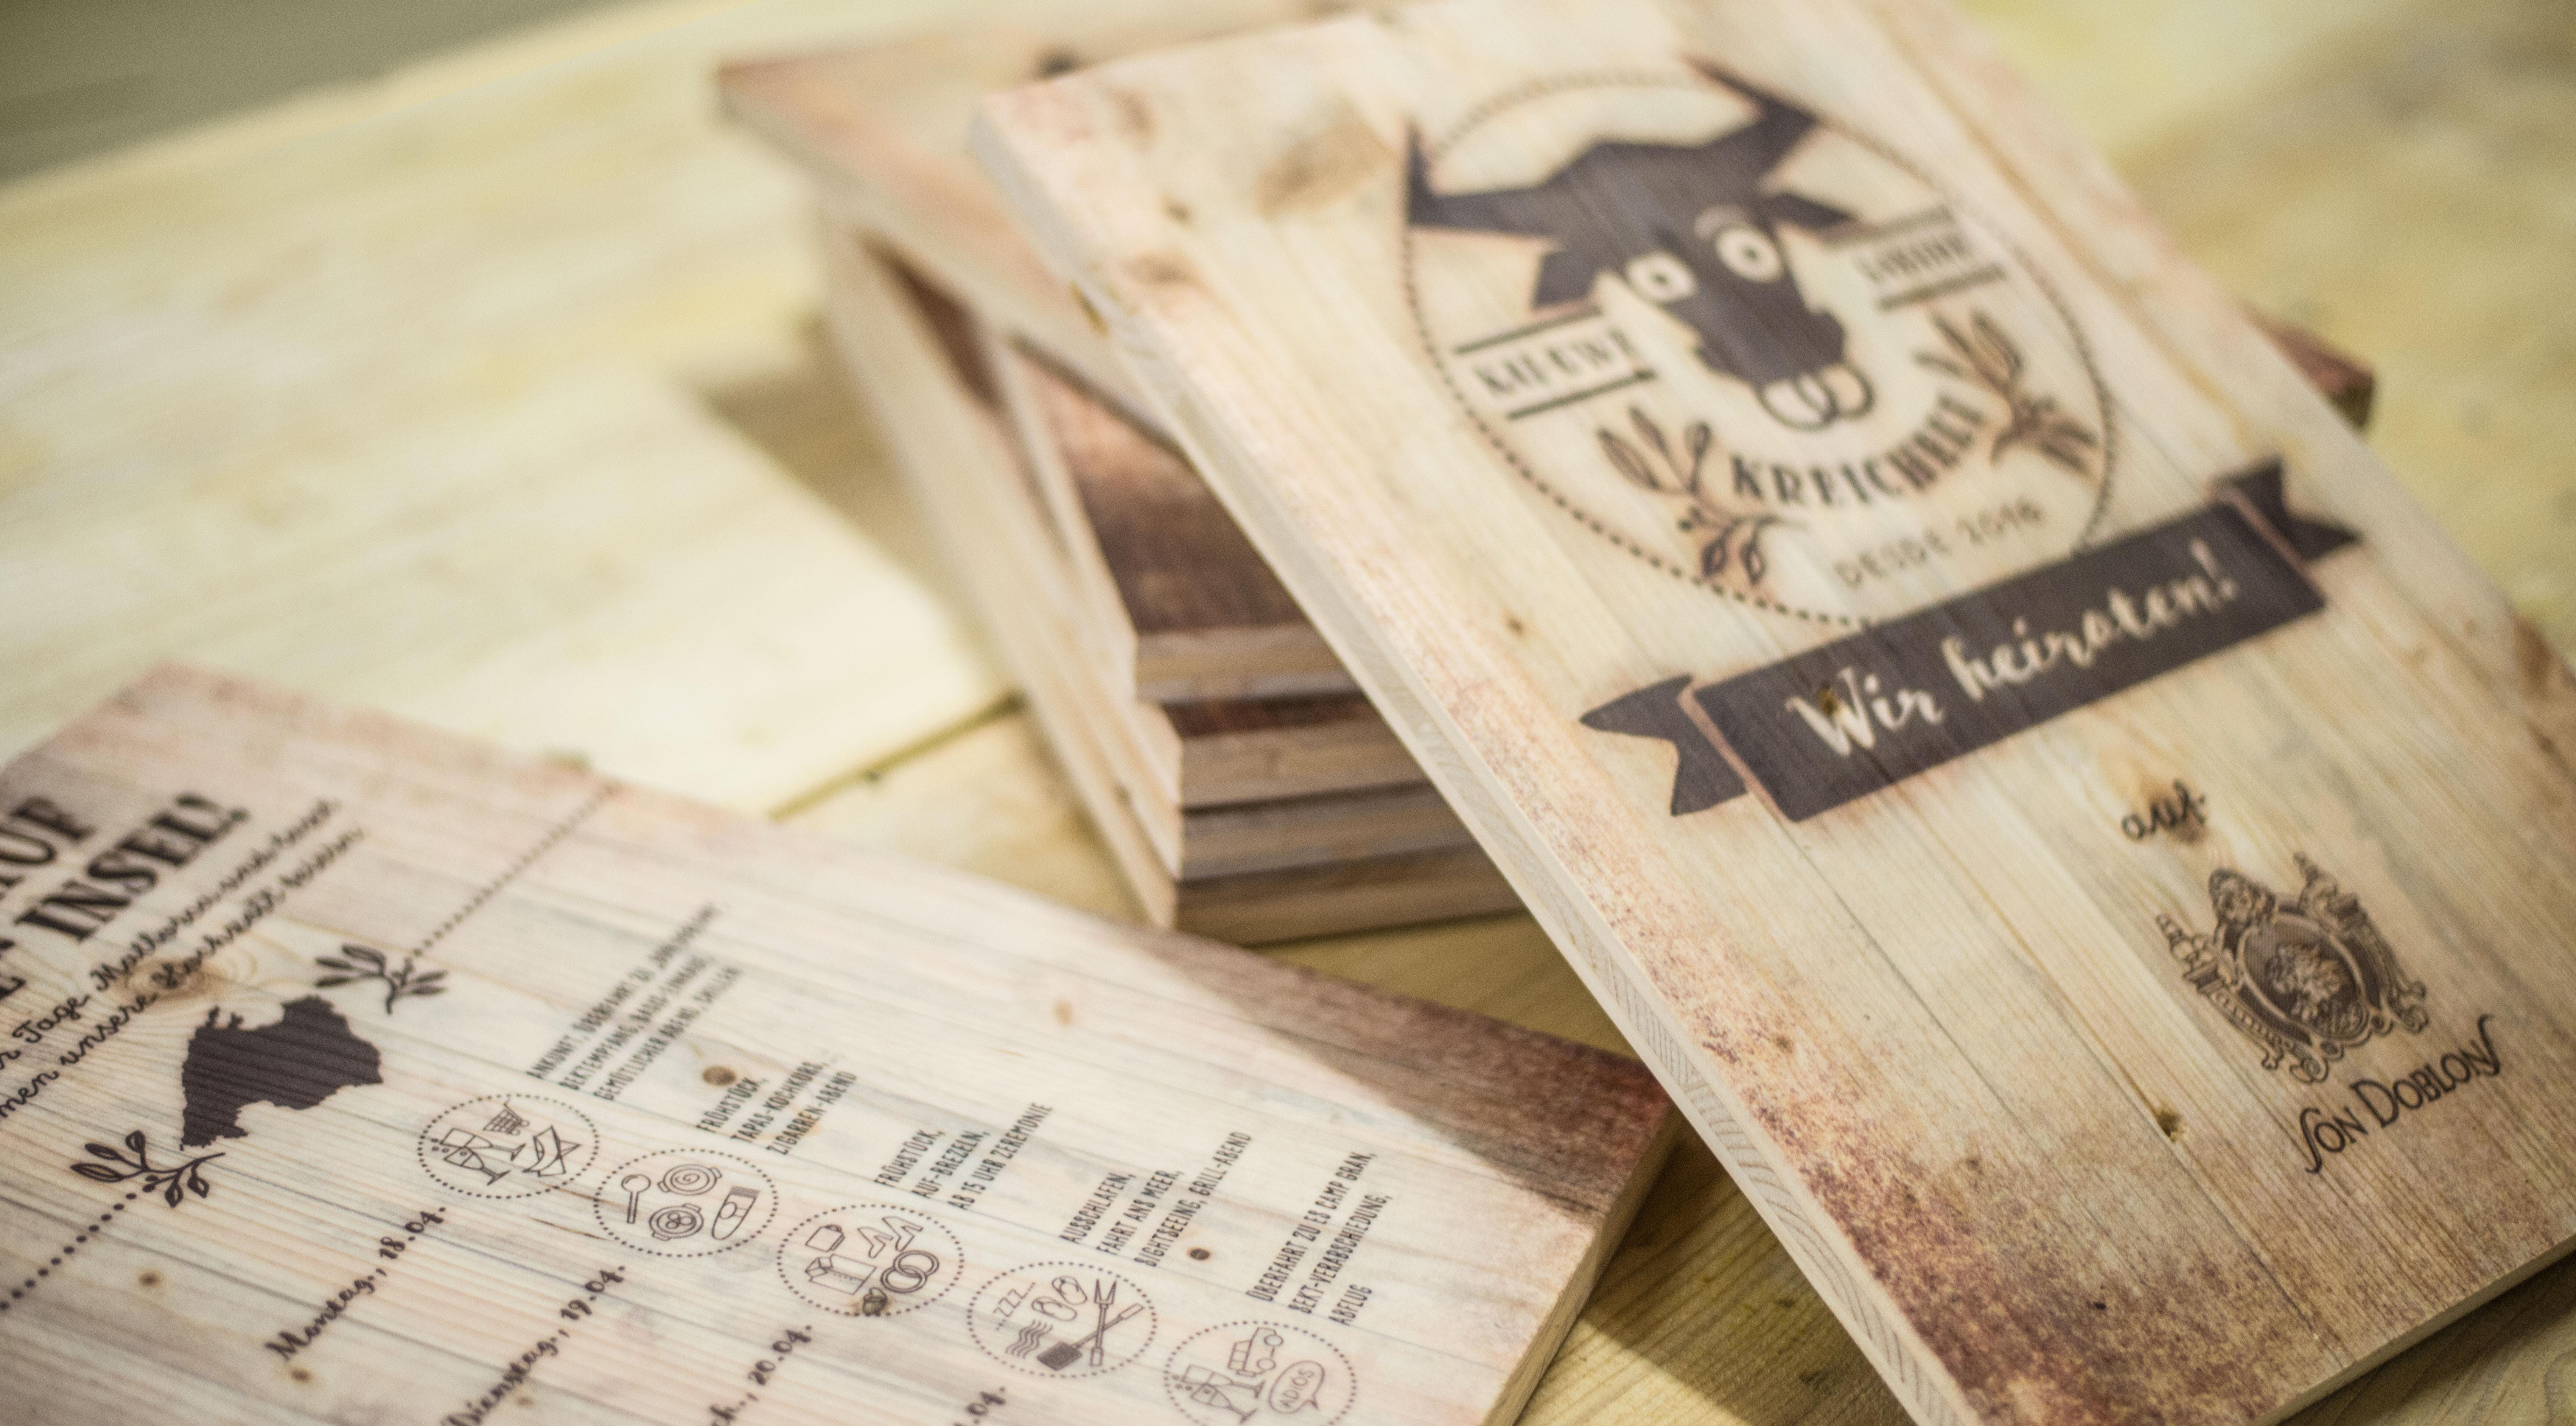 Perfekt Einladungen Für Hochzeit Aus Holz. 28. Februar 2016 7360 × 4074  Hochzeitsideen Im Holzdruck